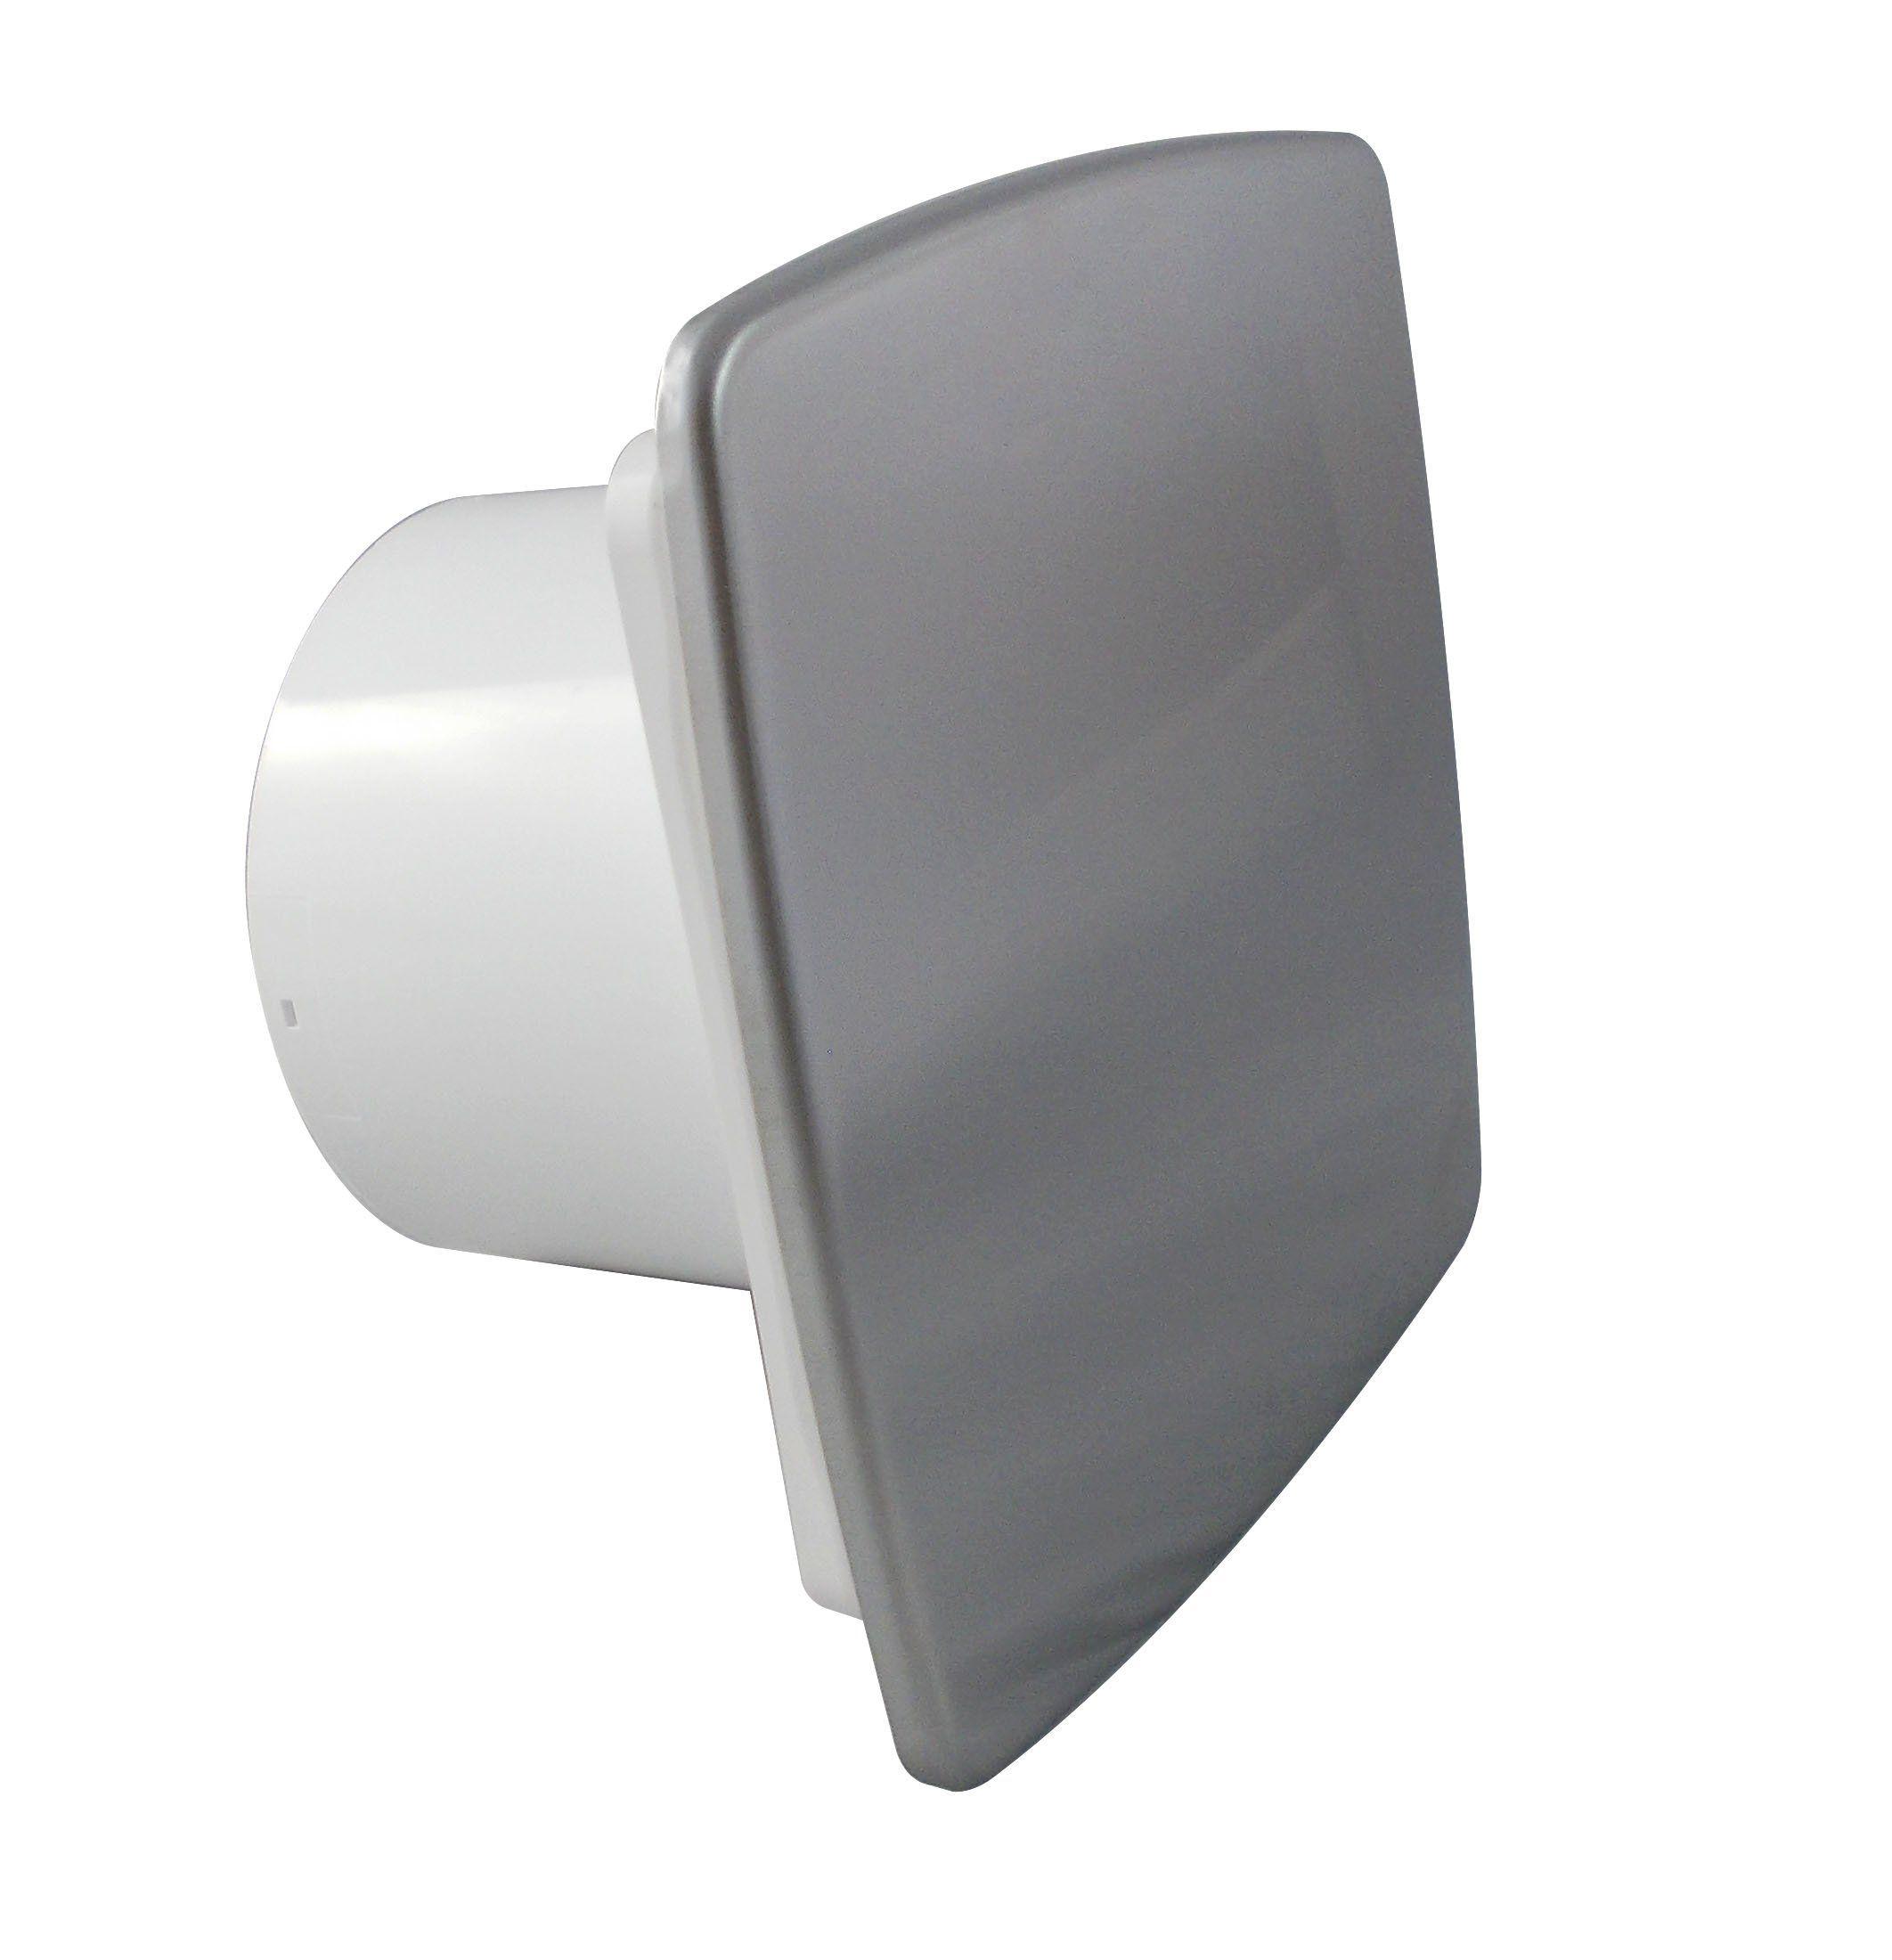 Estractor Baño | Ventilador Extractor Para Bano De 100mm 4 Con Sensor De Tiempo Y